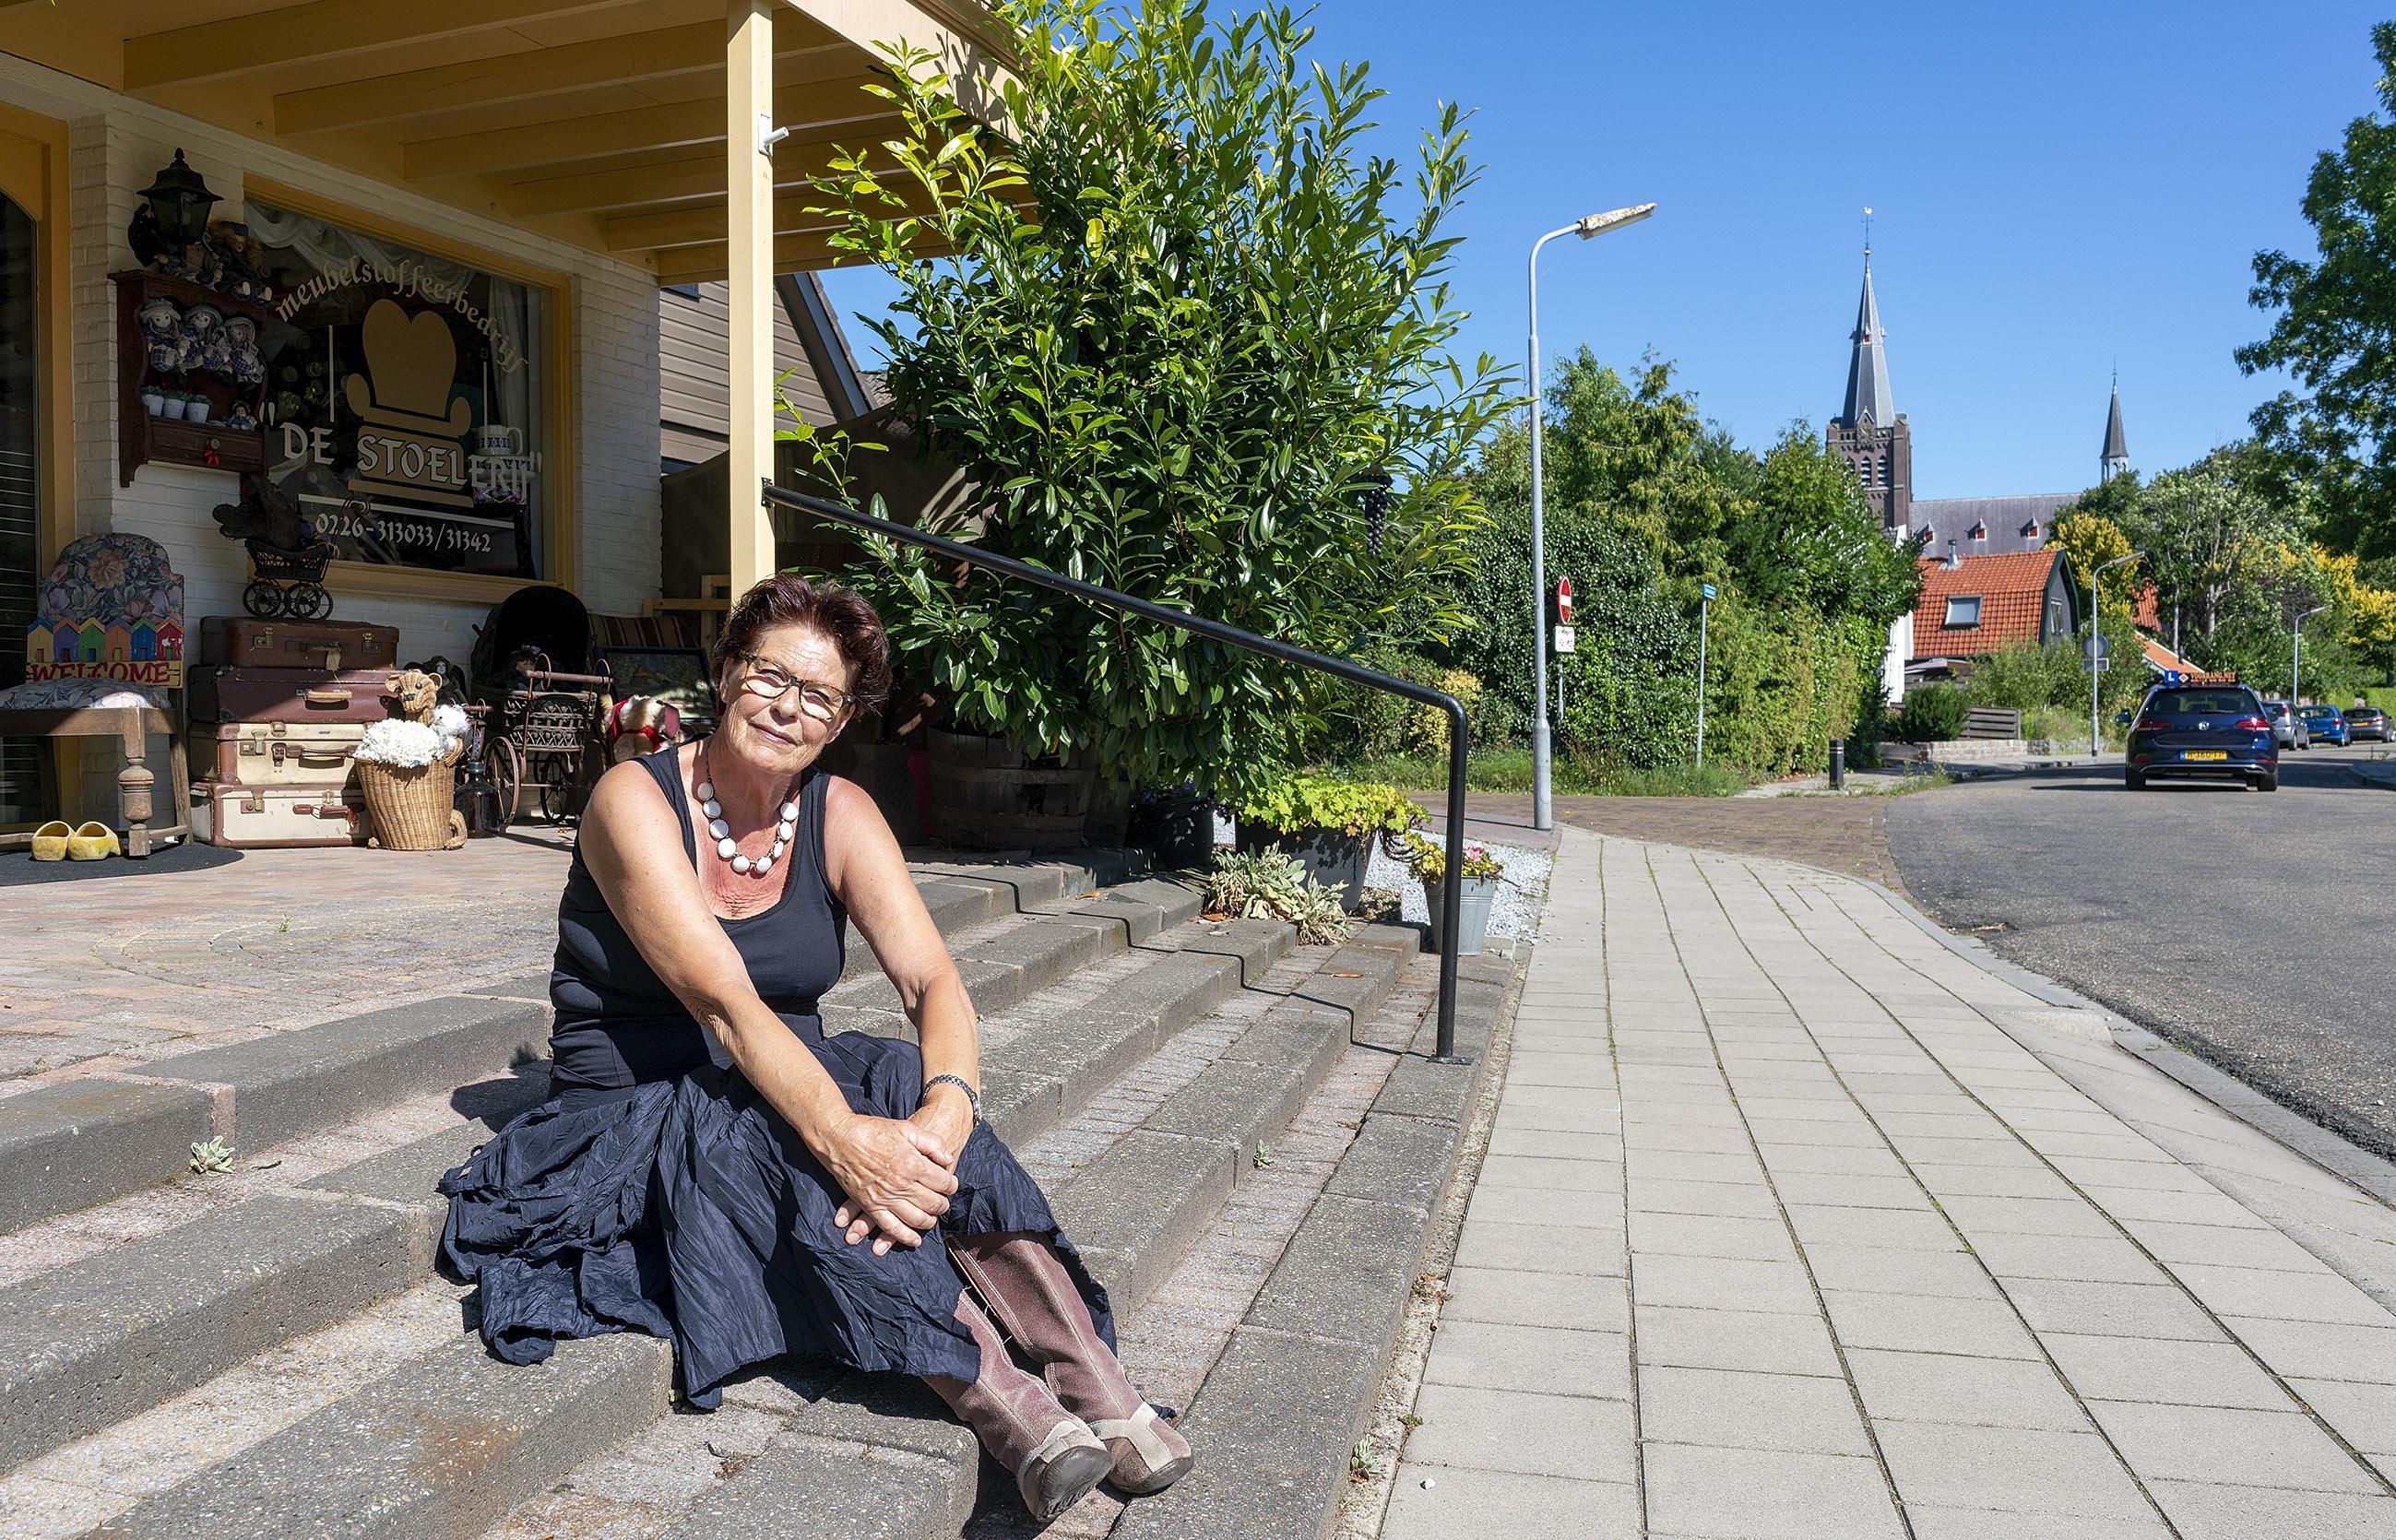 Janny Wijnker-Komen weigert te betalen: 'Langedijk heeft moderne roofridders in dienst'